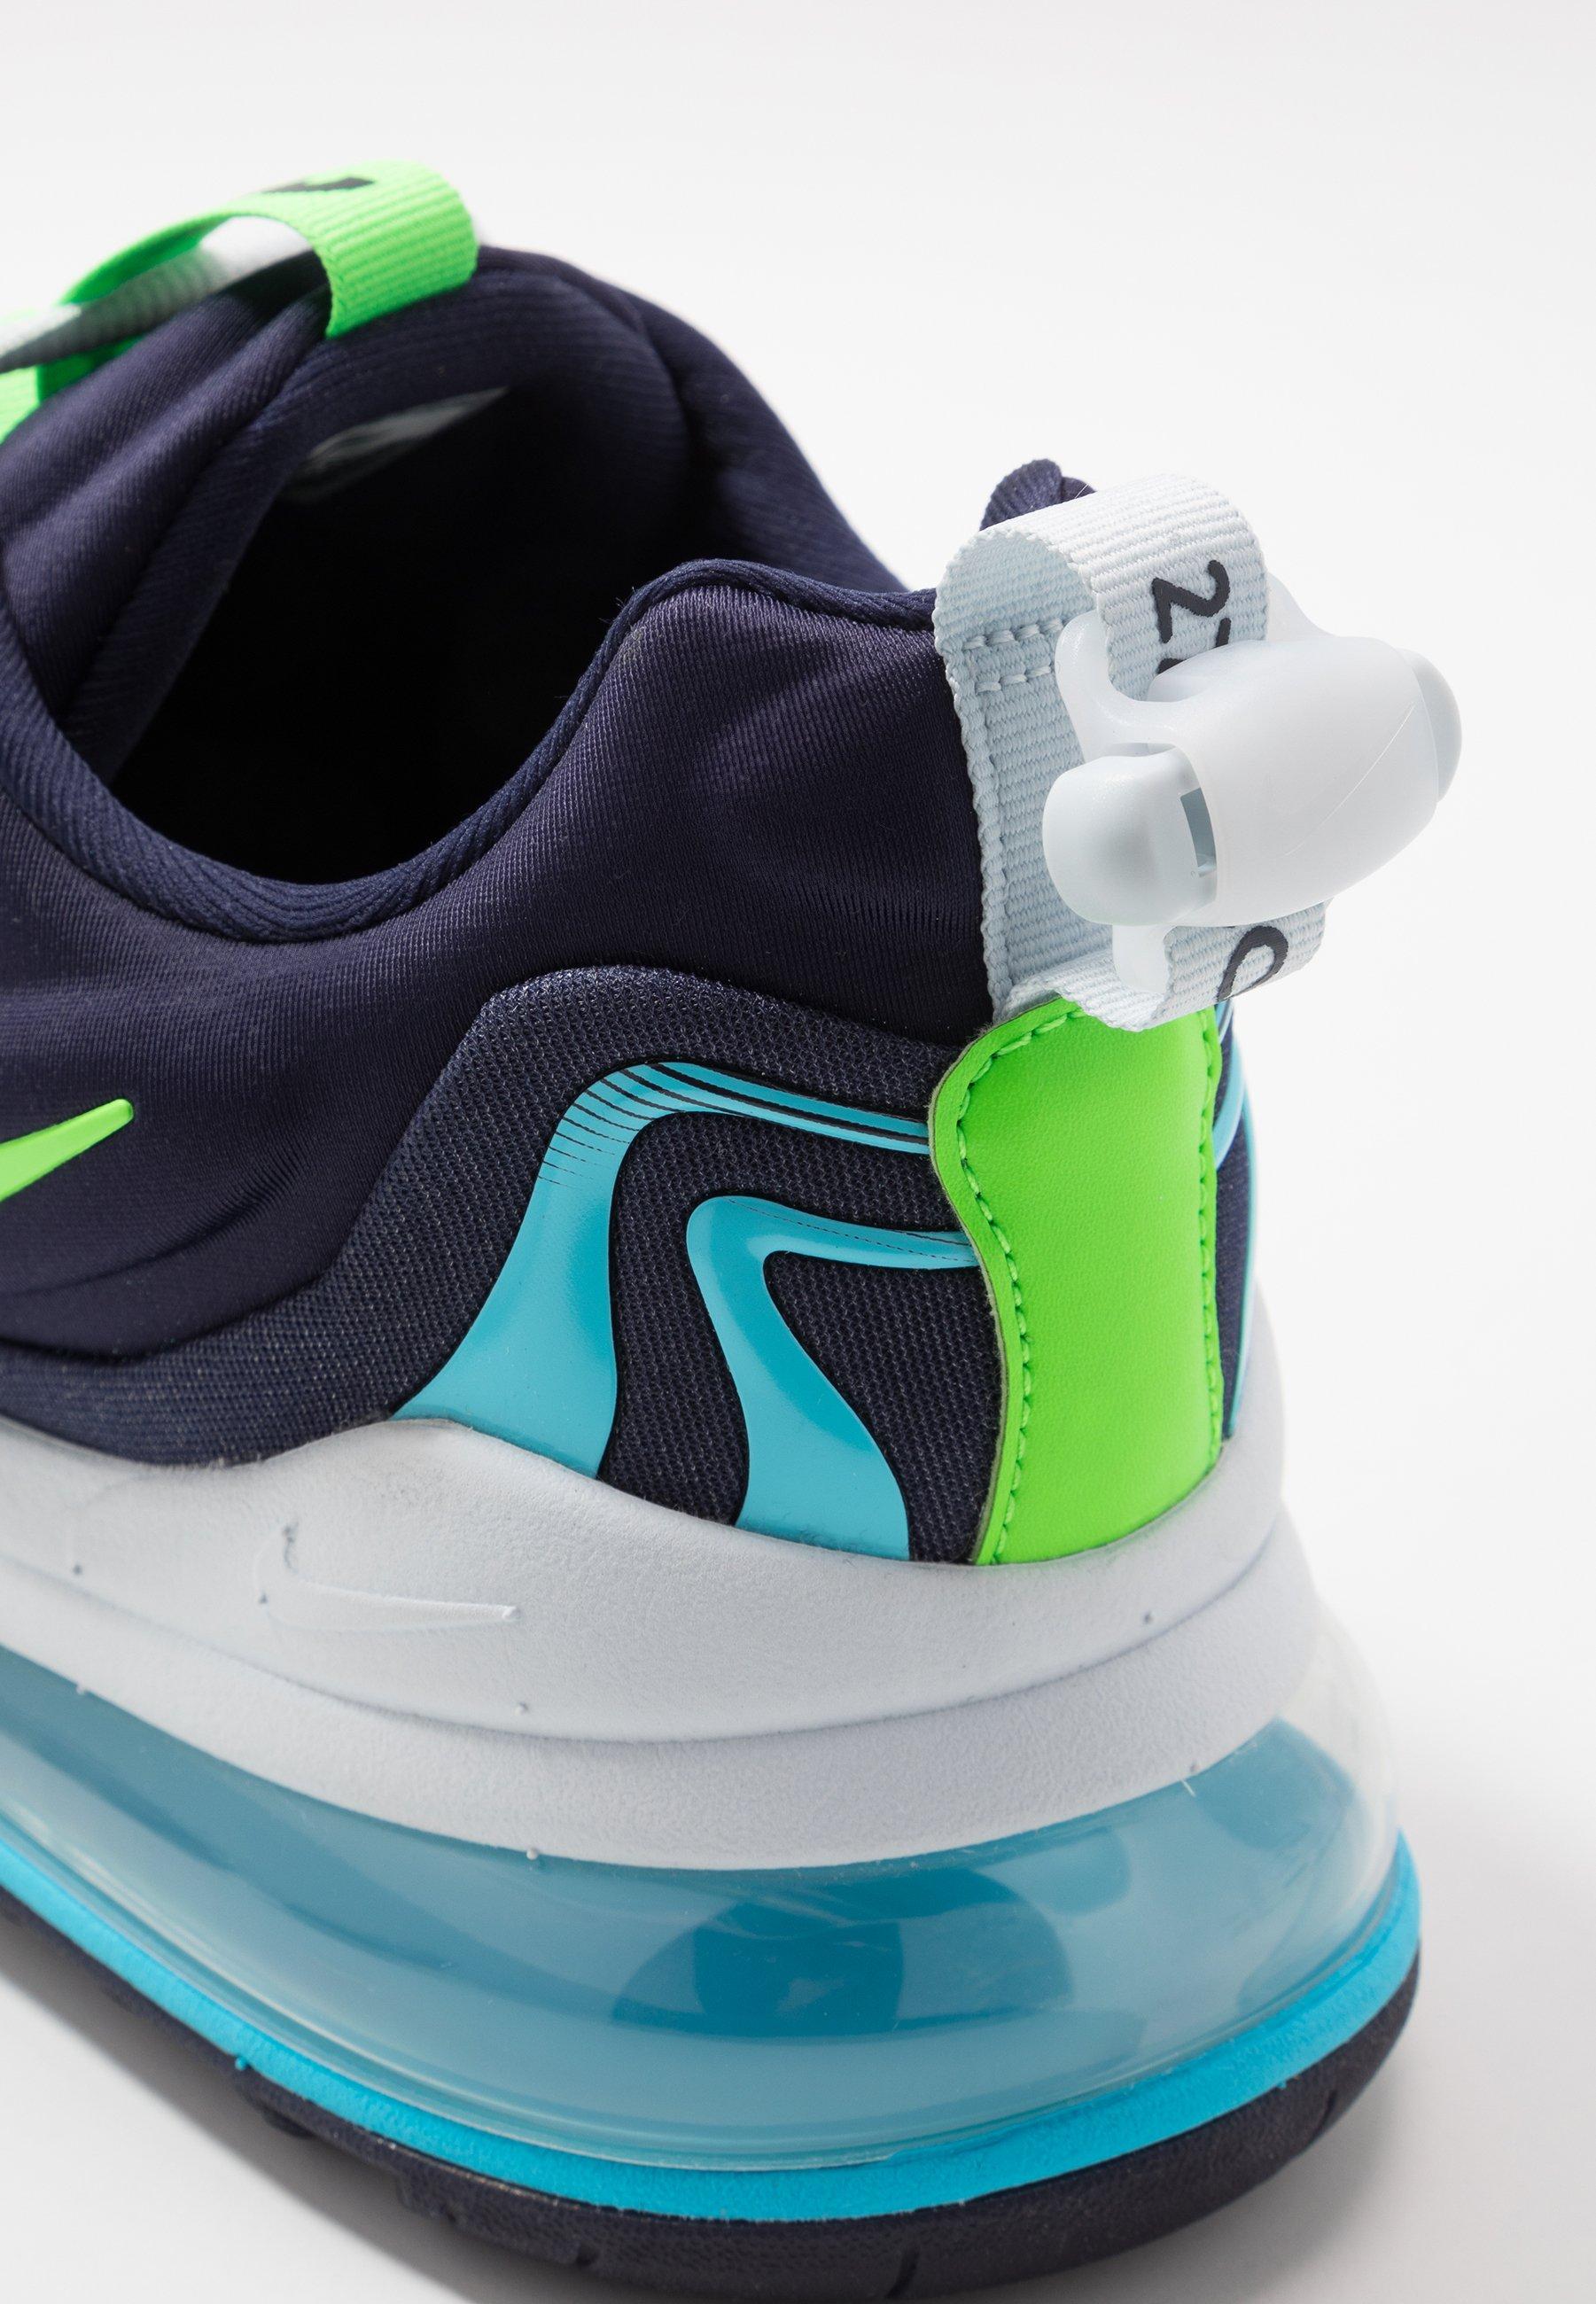 chaussures nike air max 270 bleu